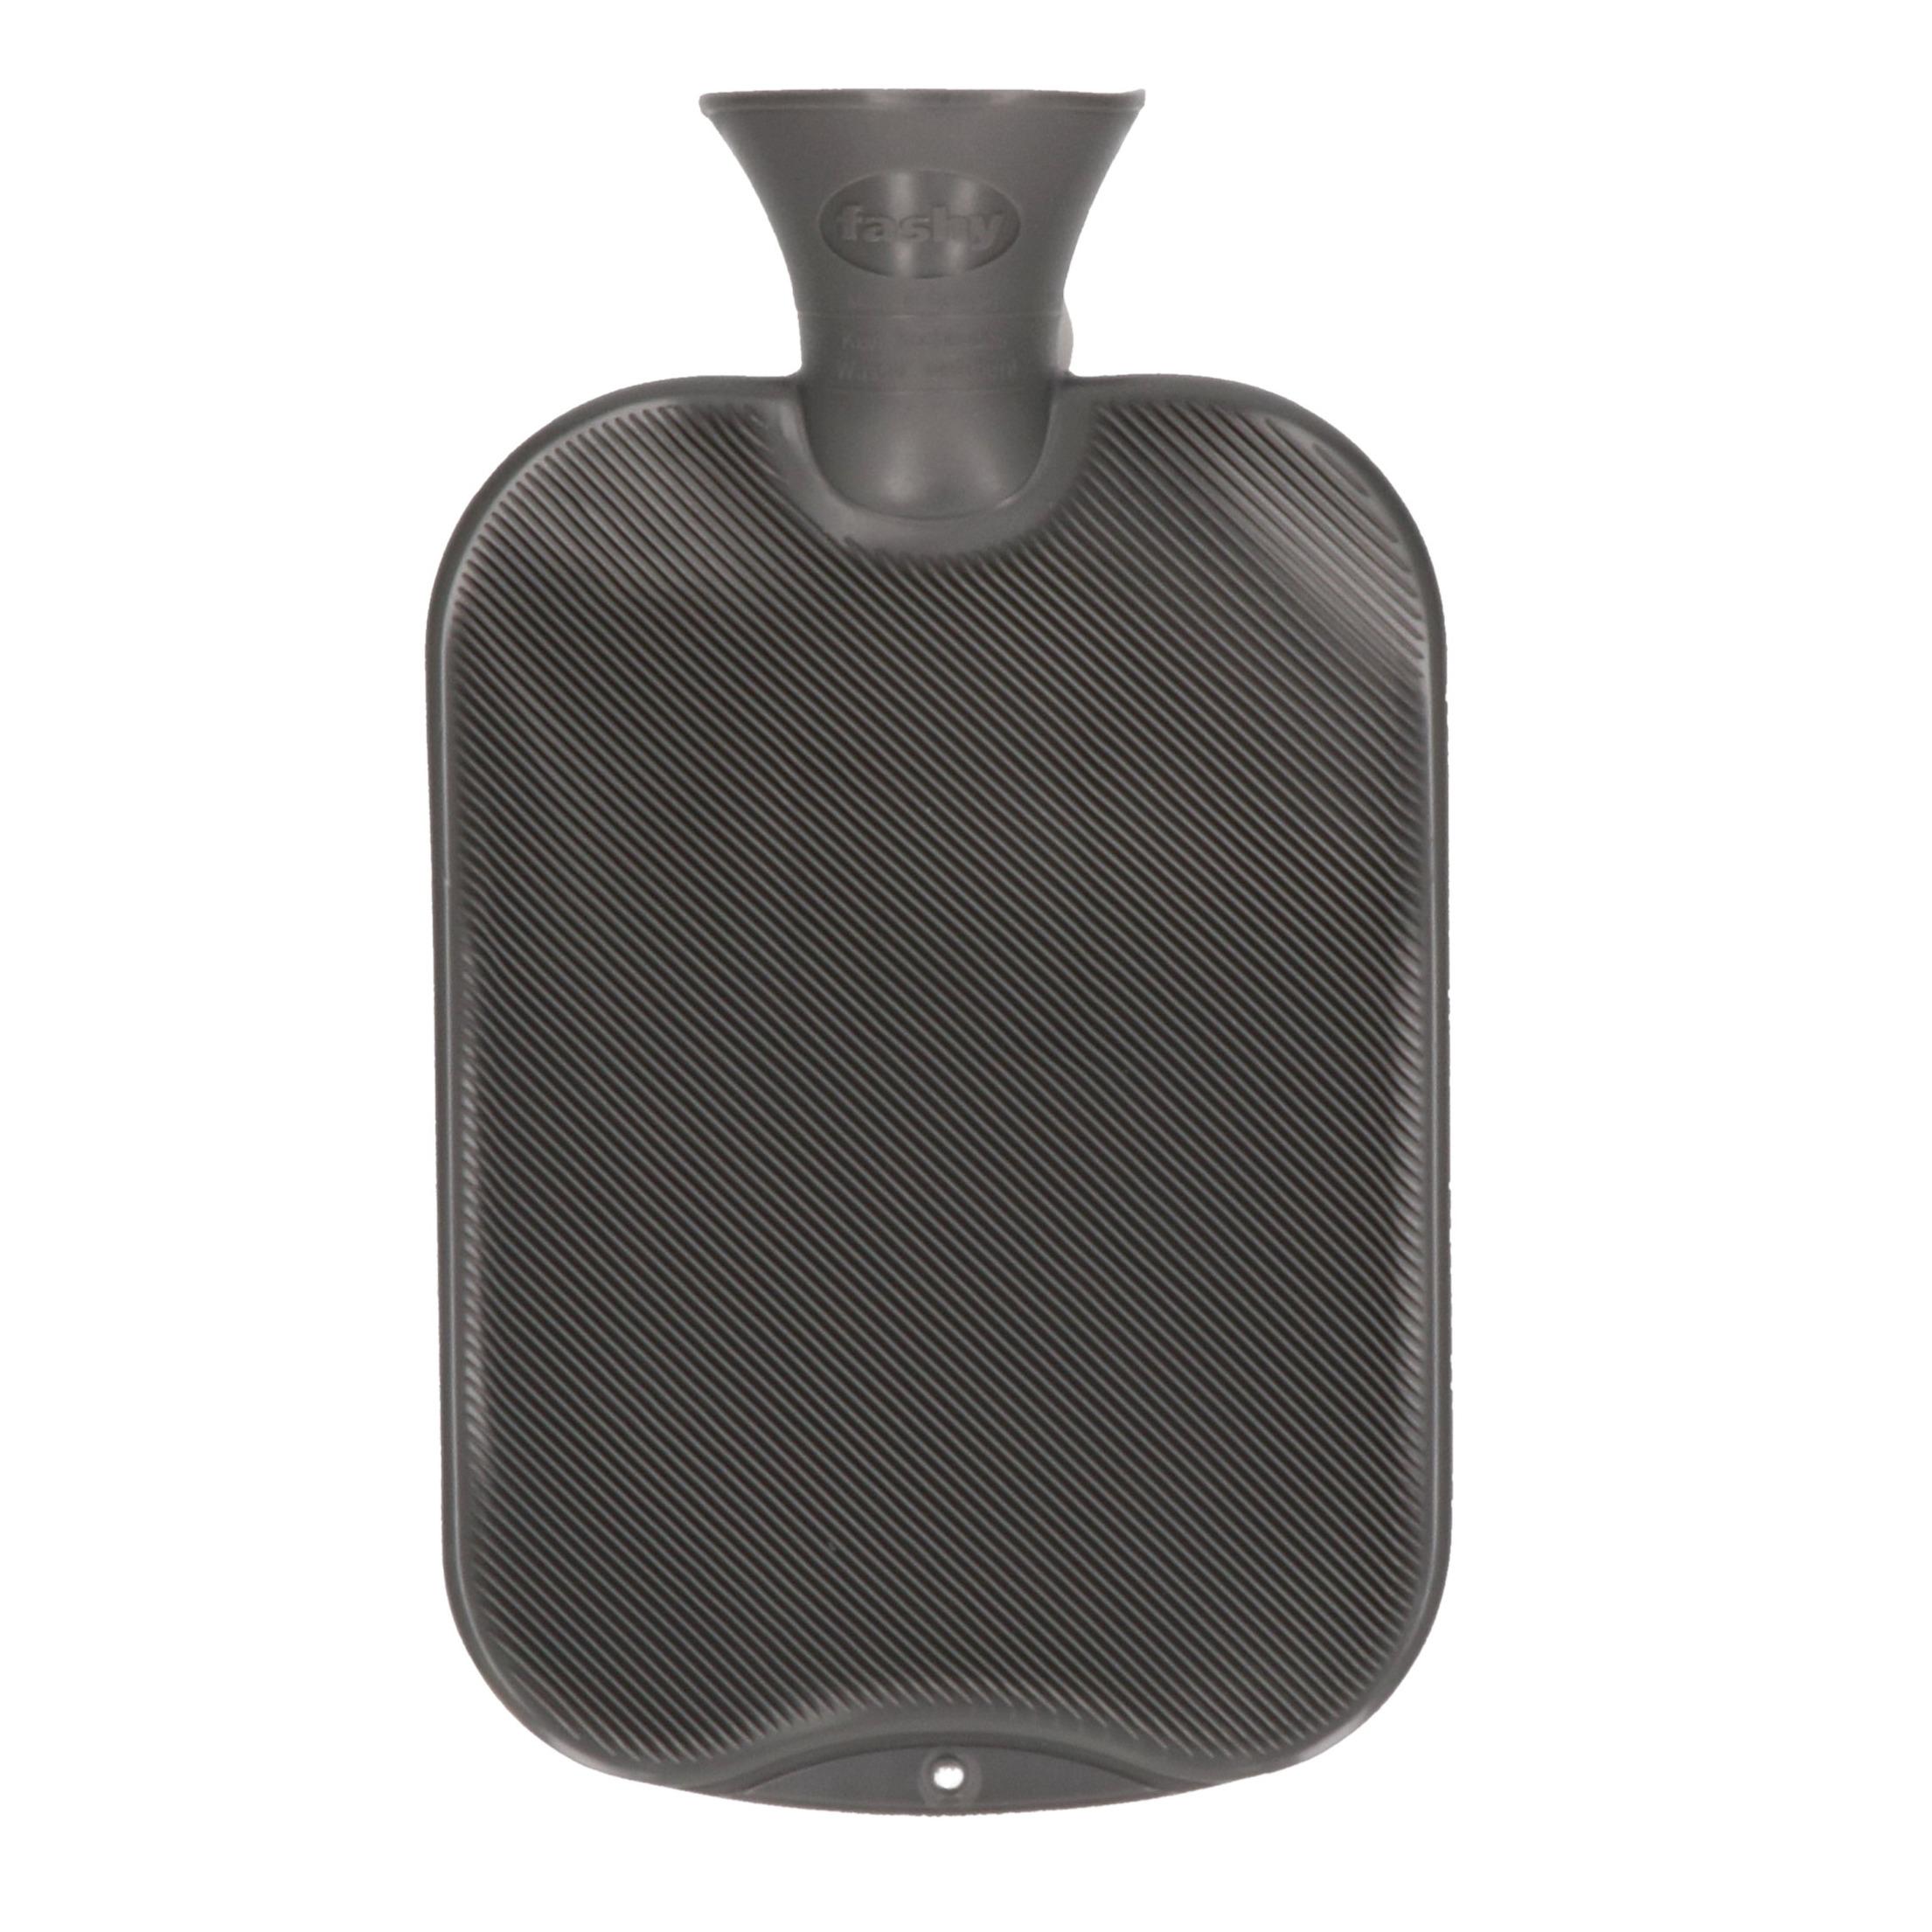 Kruik antraciet grijs 2 liter